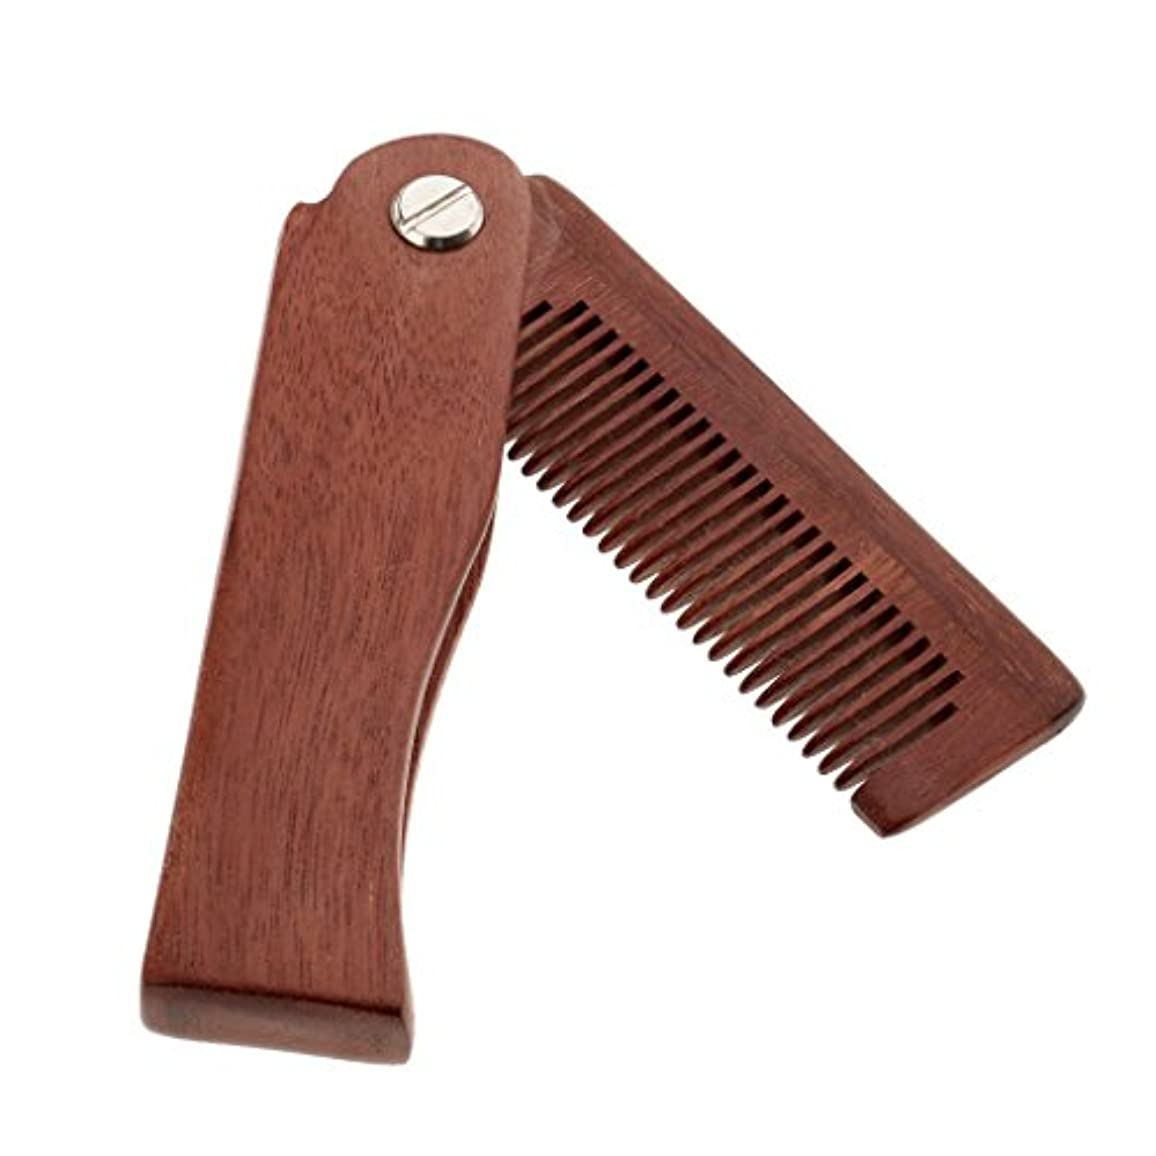 その後暗殺する作るひげ剃り櫛 コーム 木製櫛 折りたたみ メンズ 毛ひげの櫛